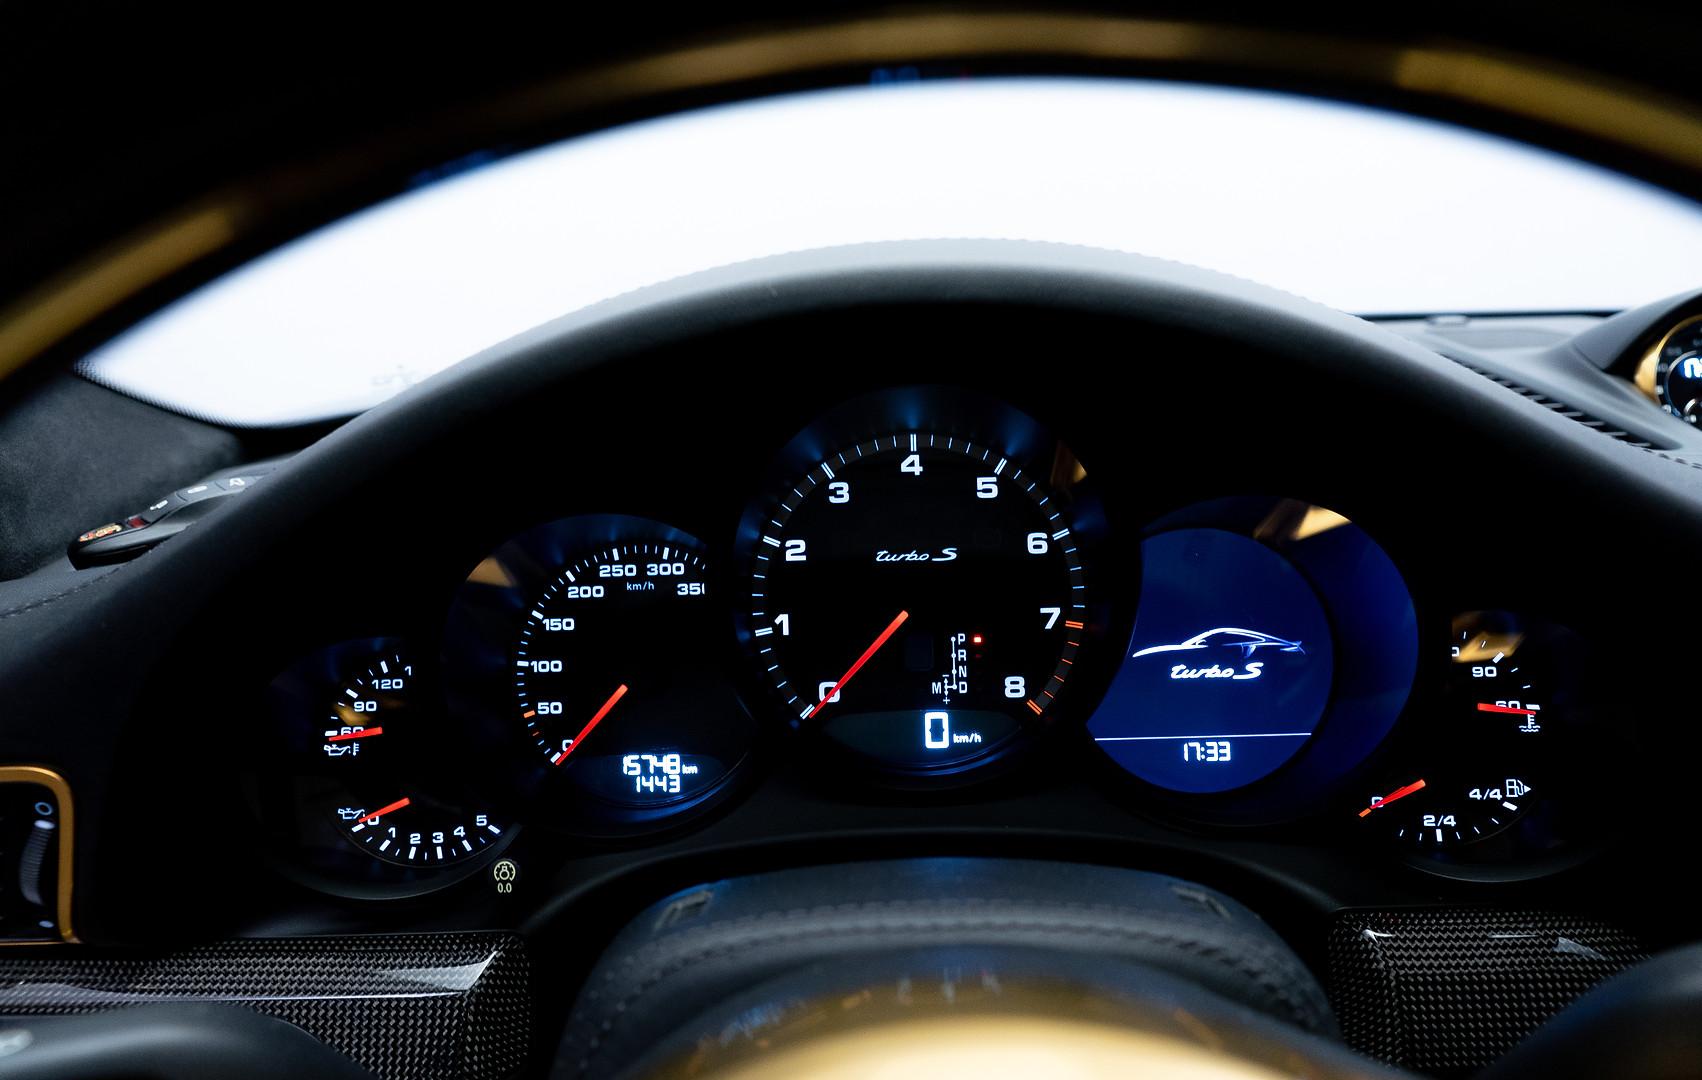 Porsche_911_ (22 of 32).jpg